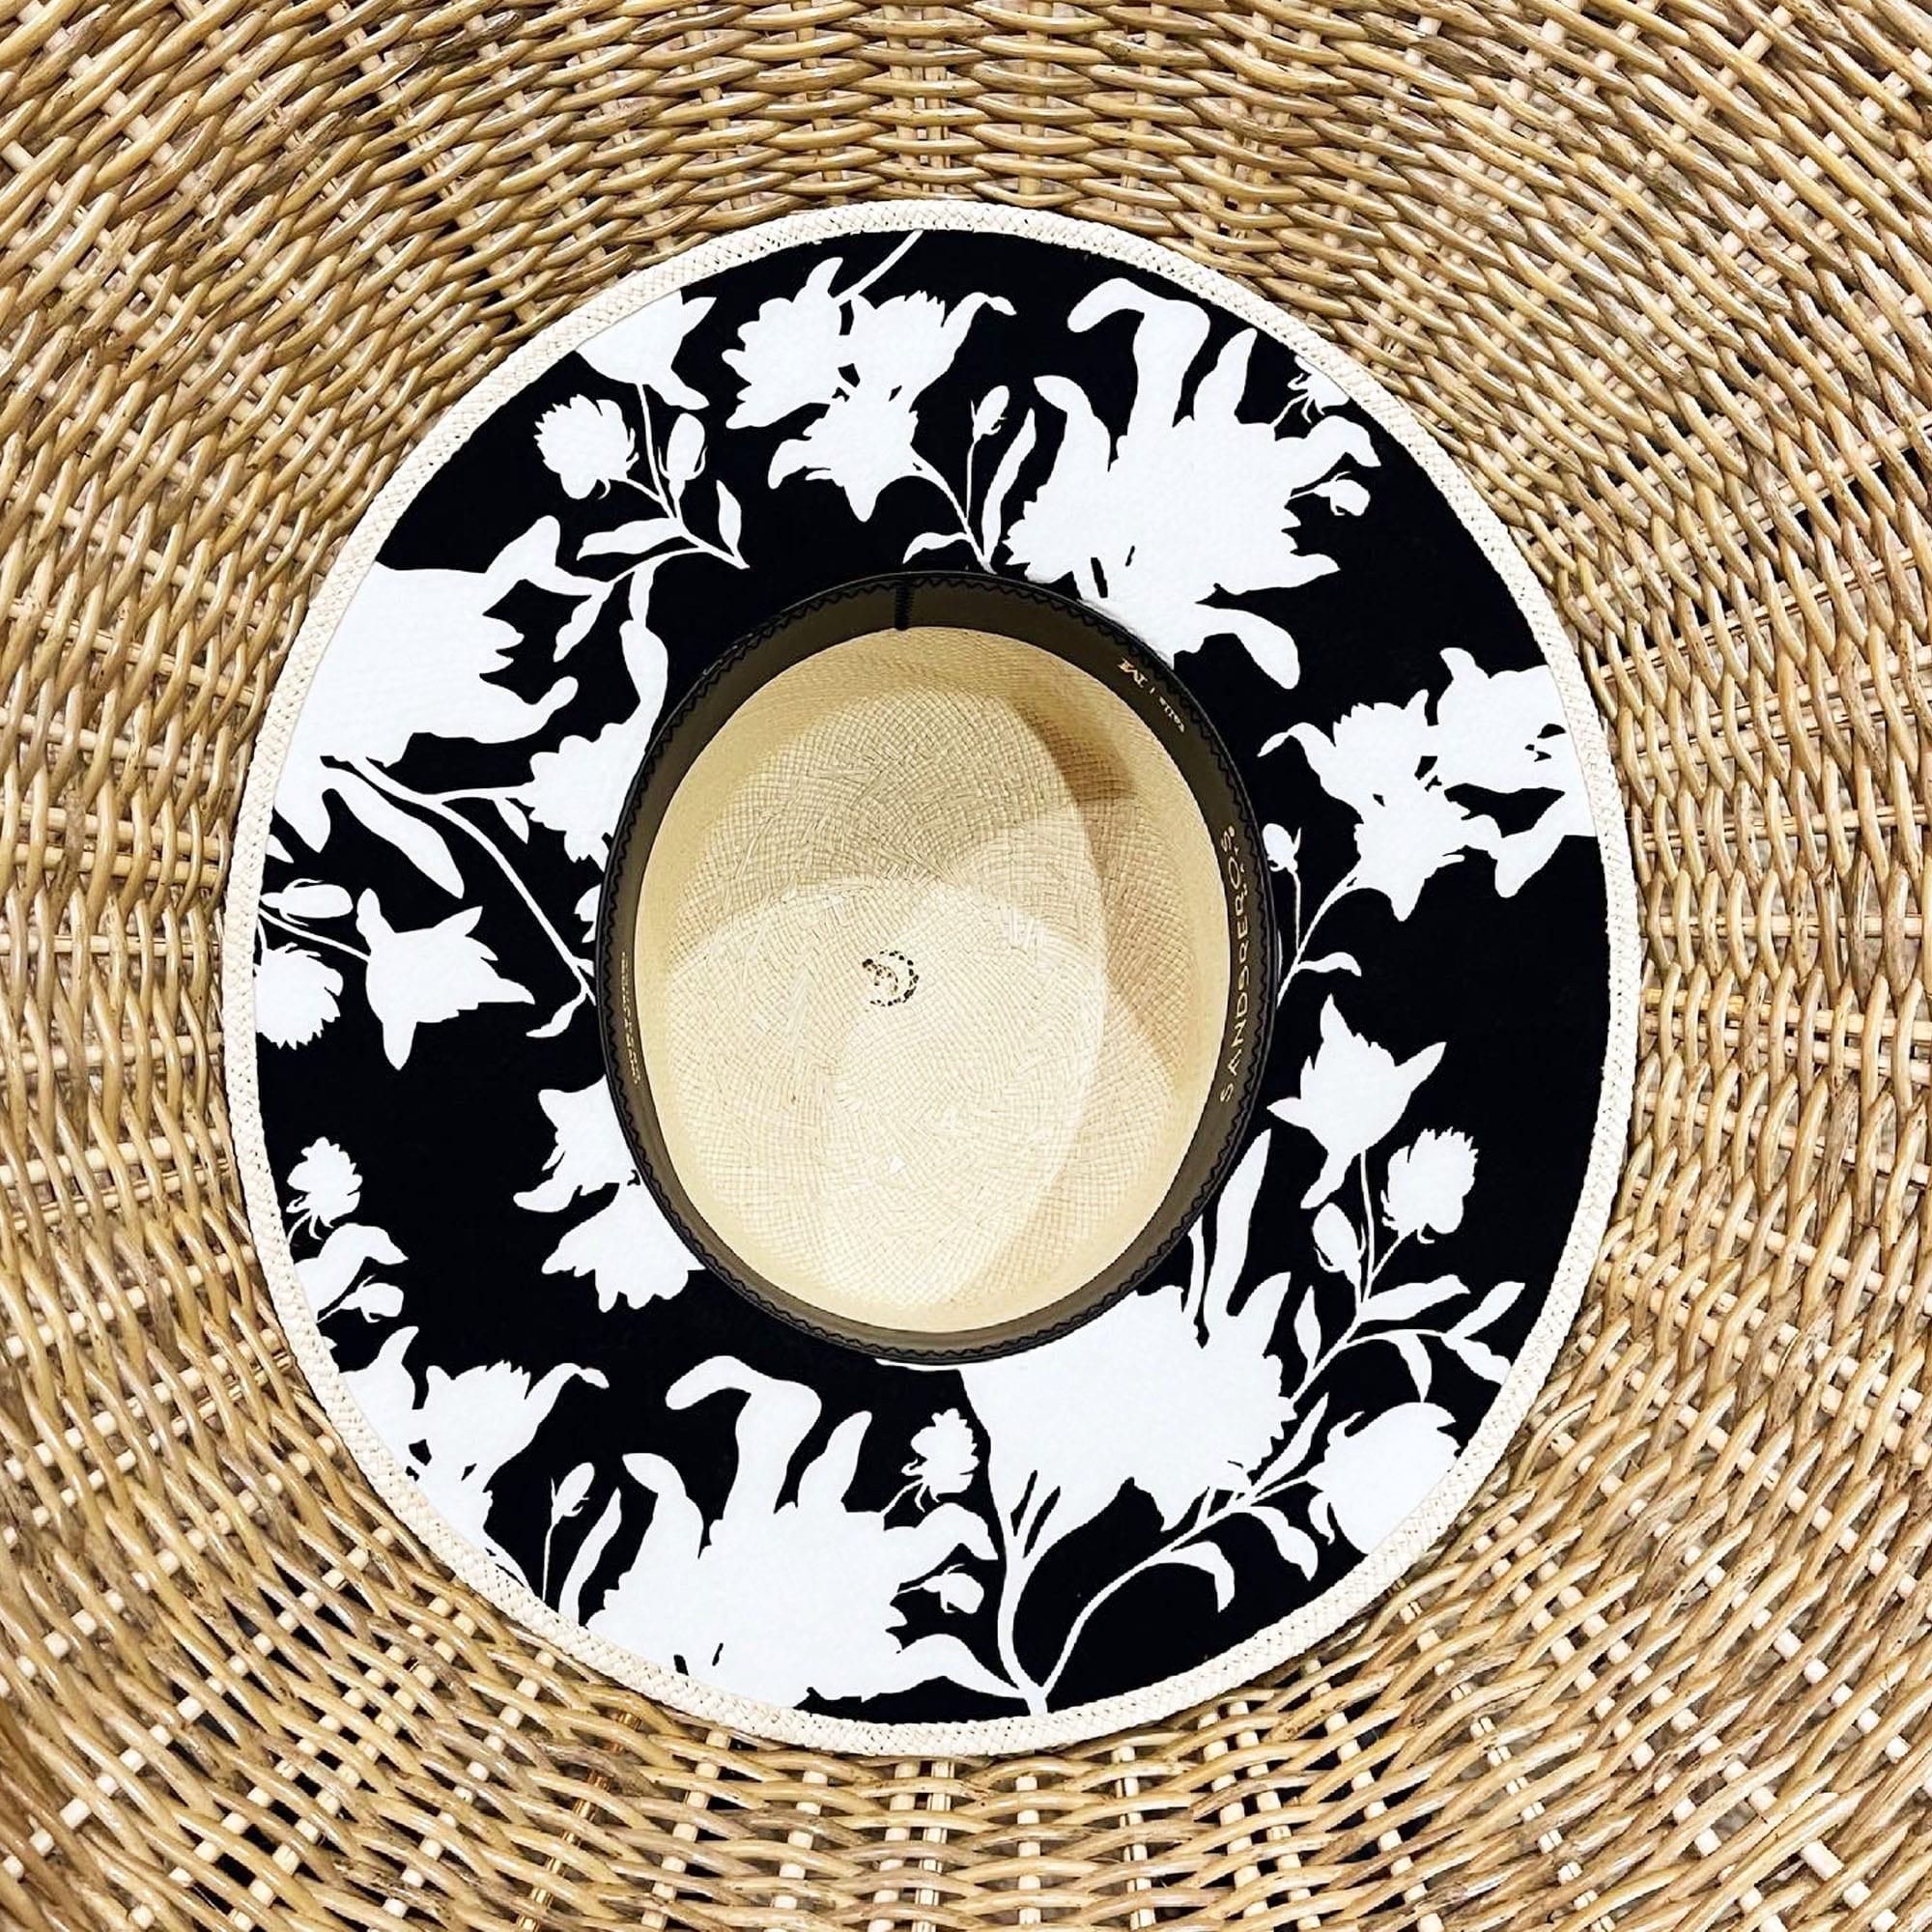 Cordobes clásico con tela en el ala color blanco y negro de paja natural extrafina